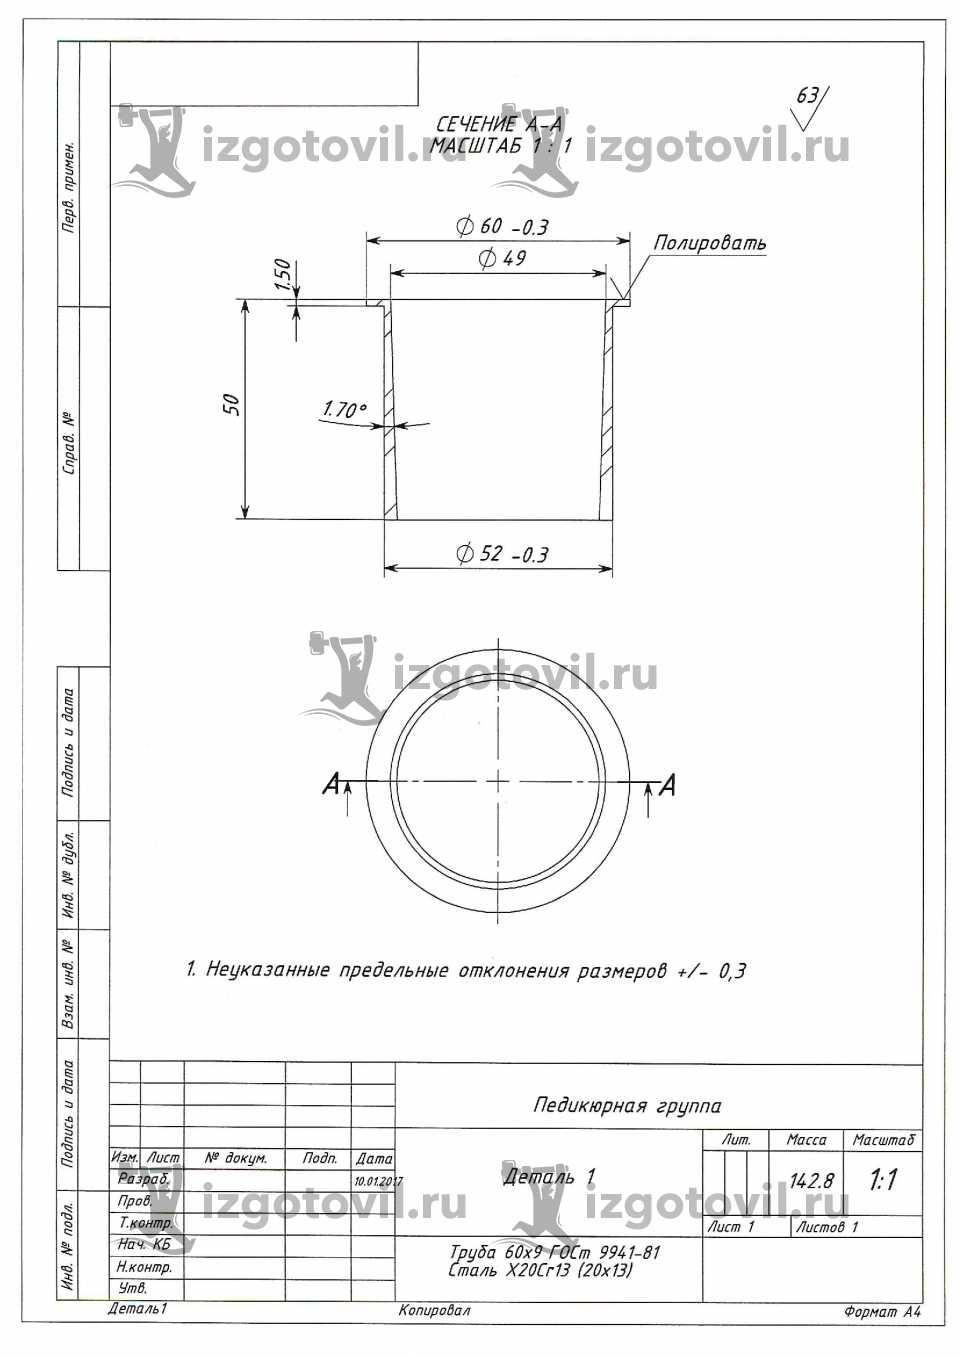 Токарная обработка деталей - Деталь 2